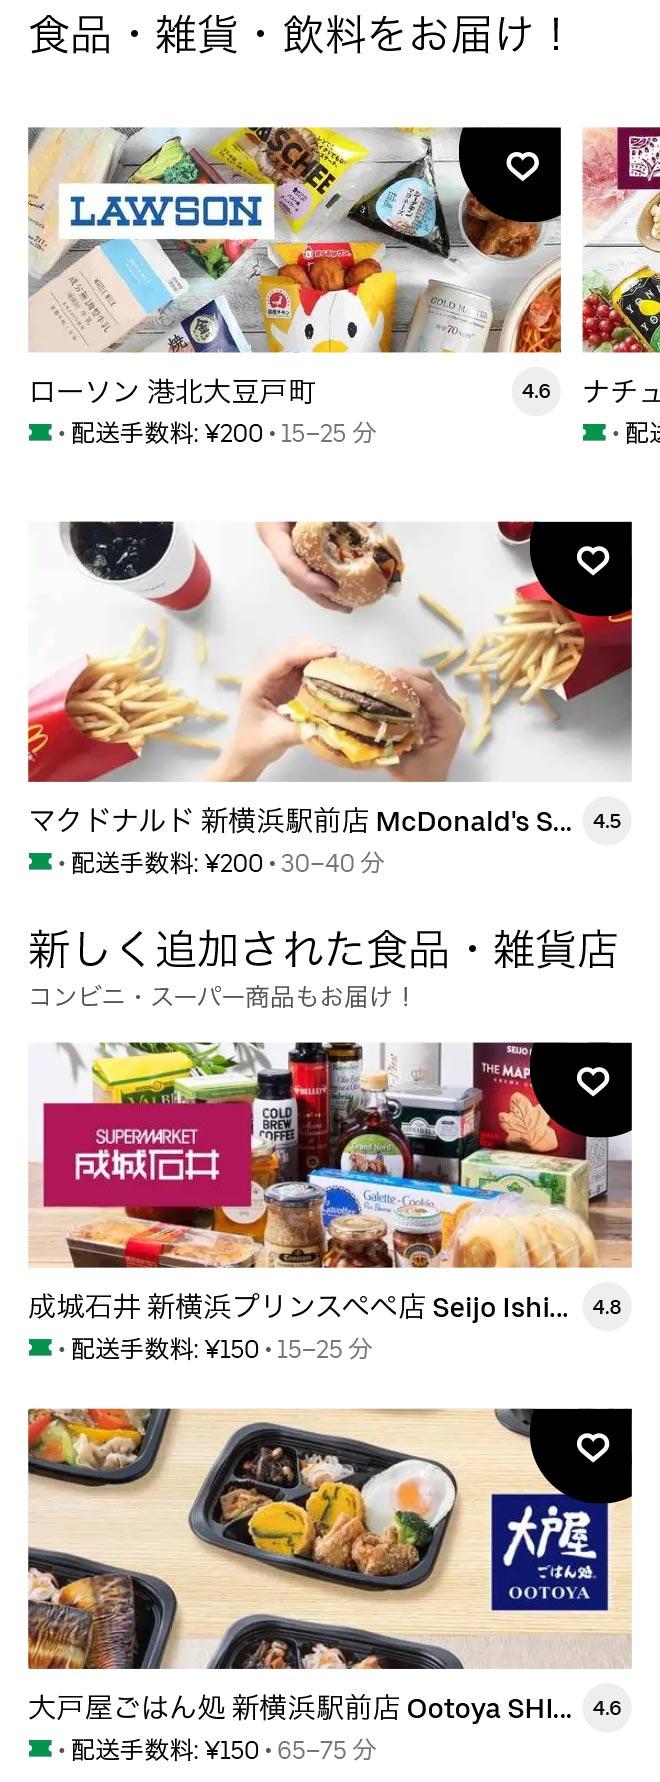 U shin yokohama 2105 01